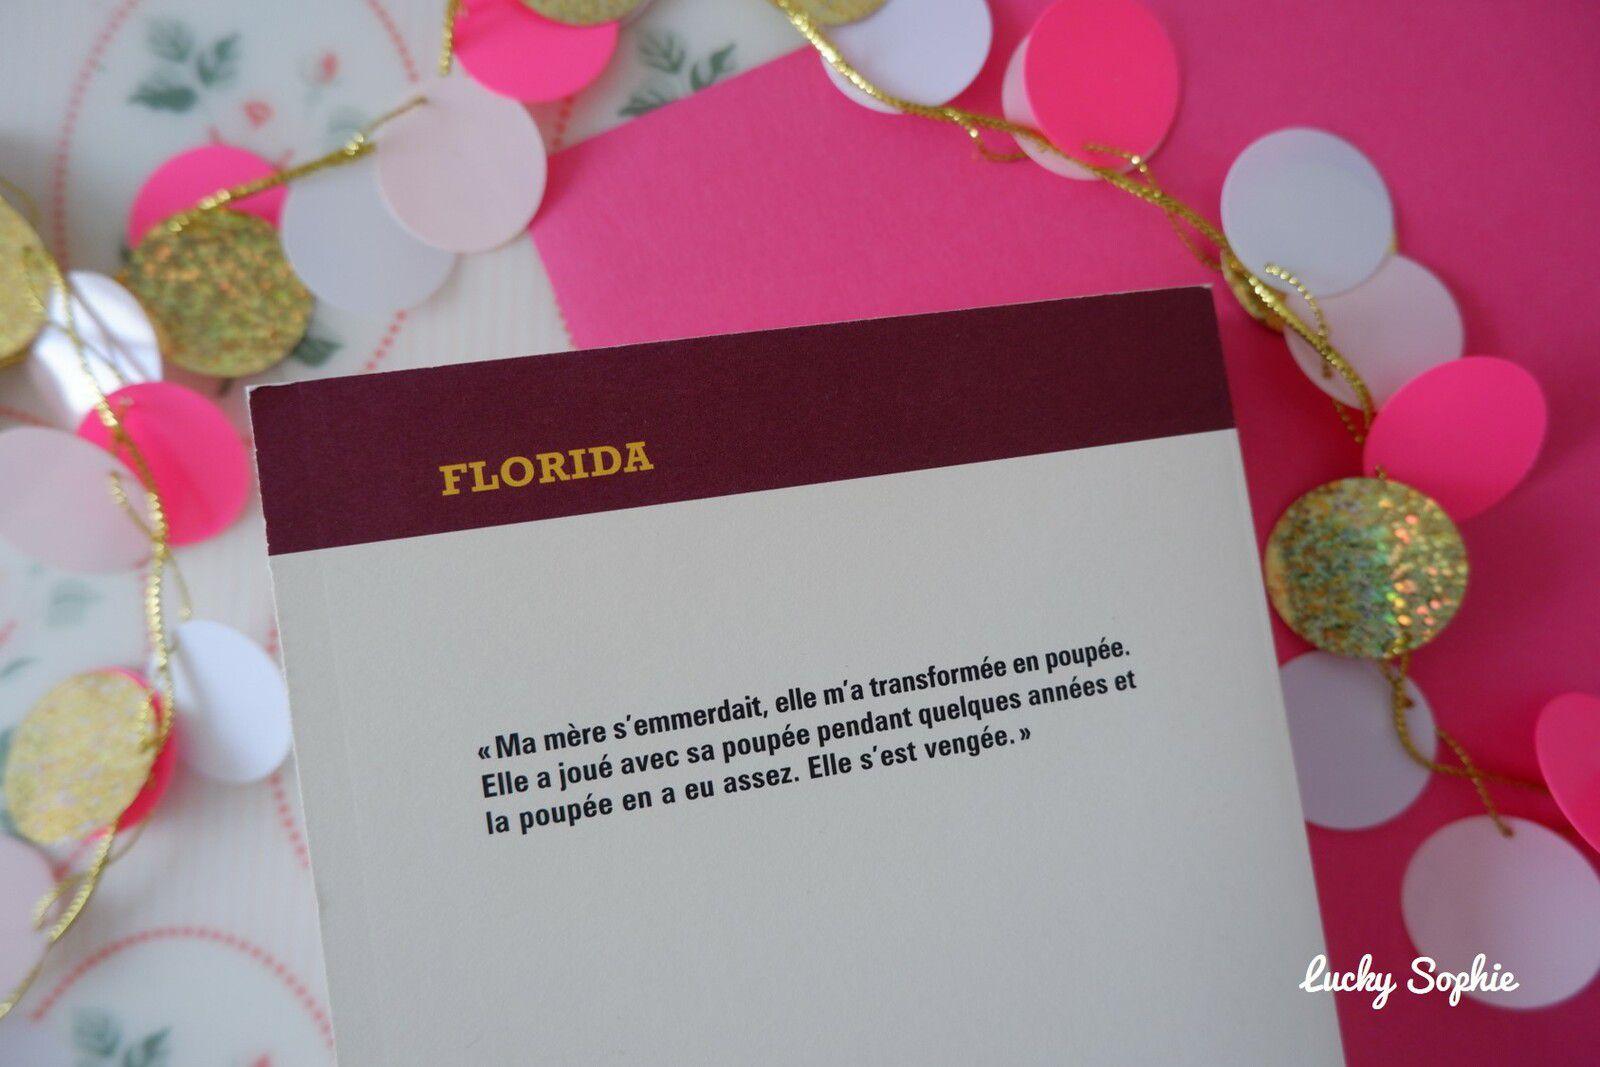 Florida, la dégringolade d'une mini Miss par Olivier Bourdeaut